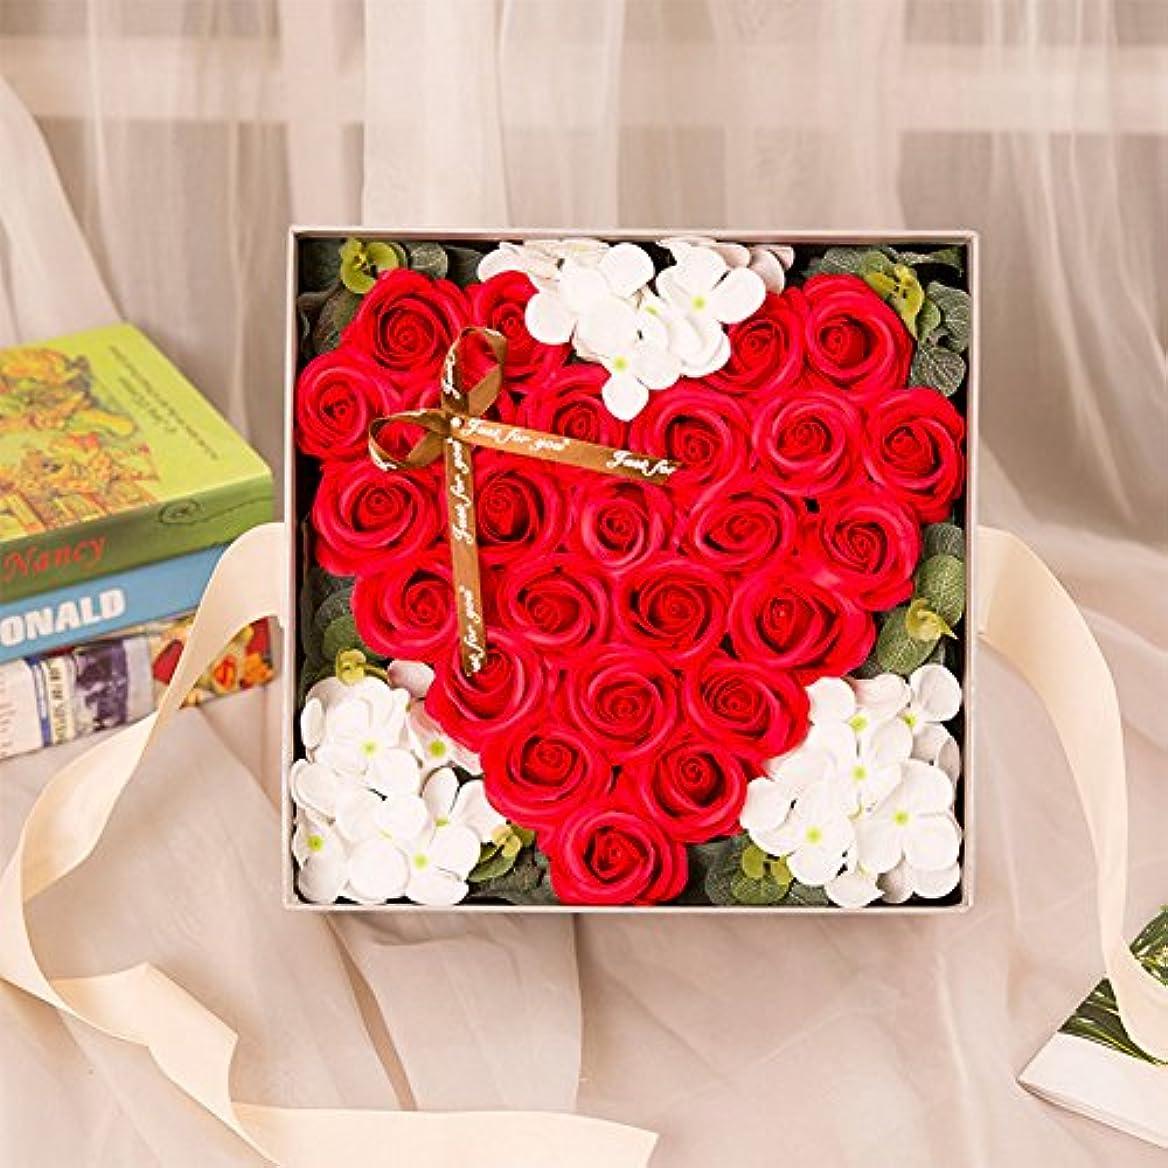 シーケンス大脳看板RaiFu クリエイティブ シミュレーションローズ手作り石鹸 ギフトボックスホームデコレーション ユニークなギフト 赤い桃の心